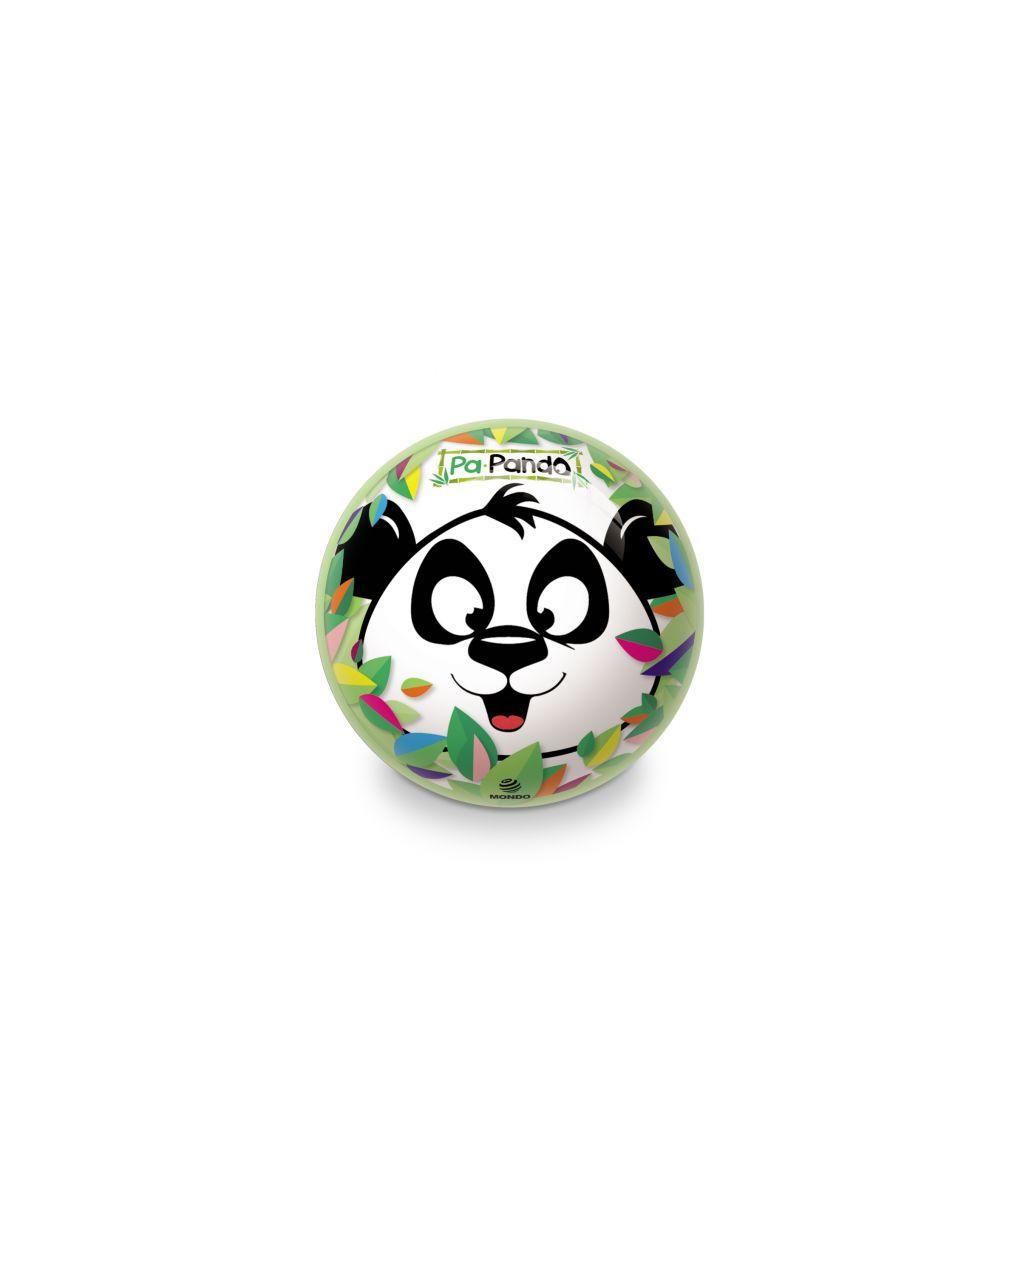 Mondo - pallone panda d. 140 cm - Mondo